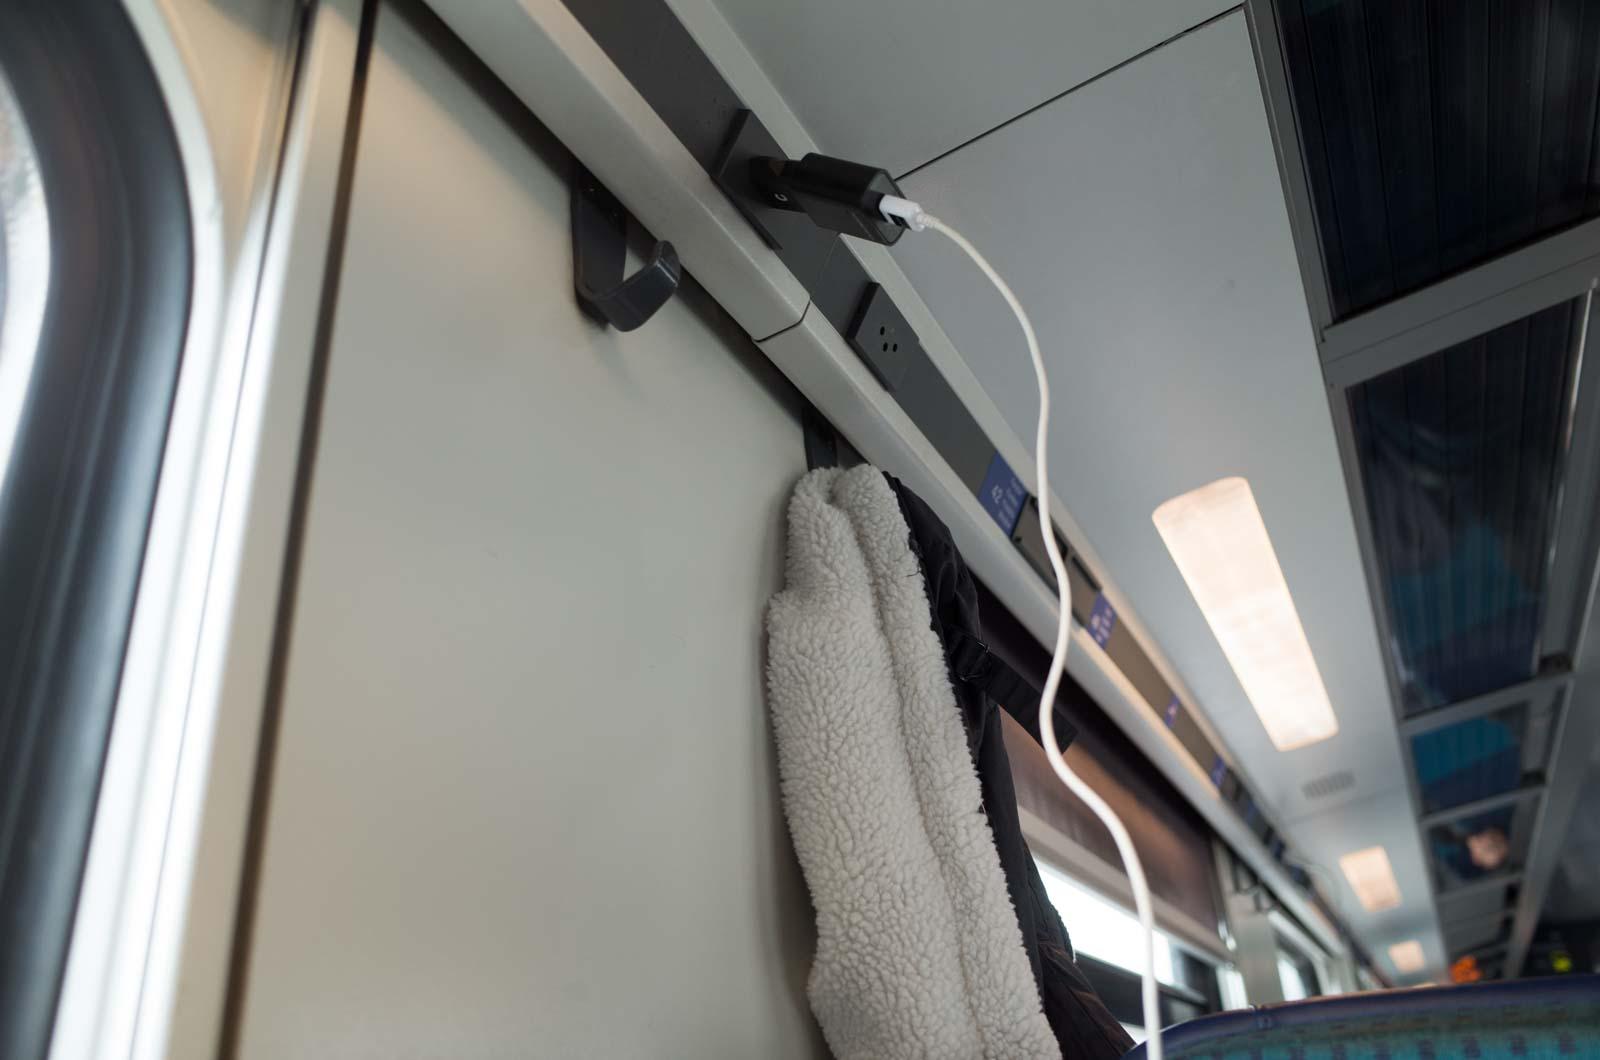 ヨーロッパ鉄道建築の旅'16:6日目 スイス連邦鉄道スタバ車両・フライターグチューリヒ本店